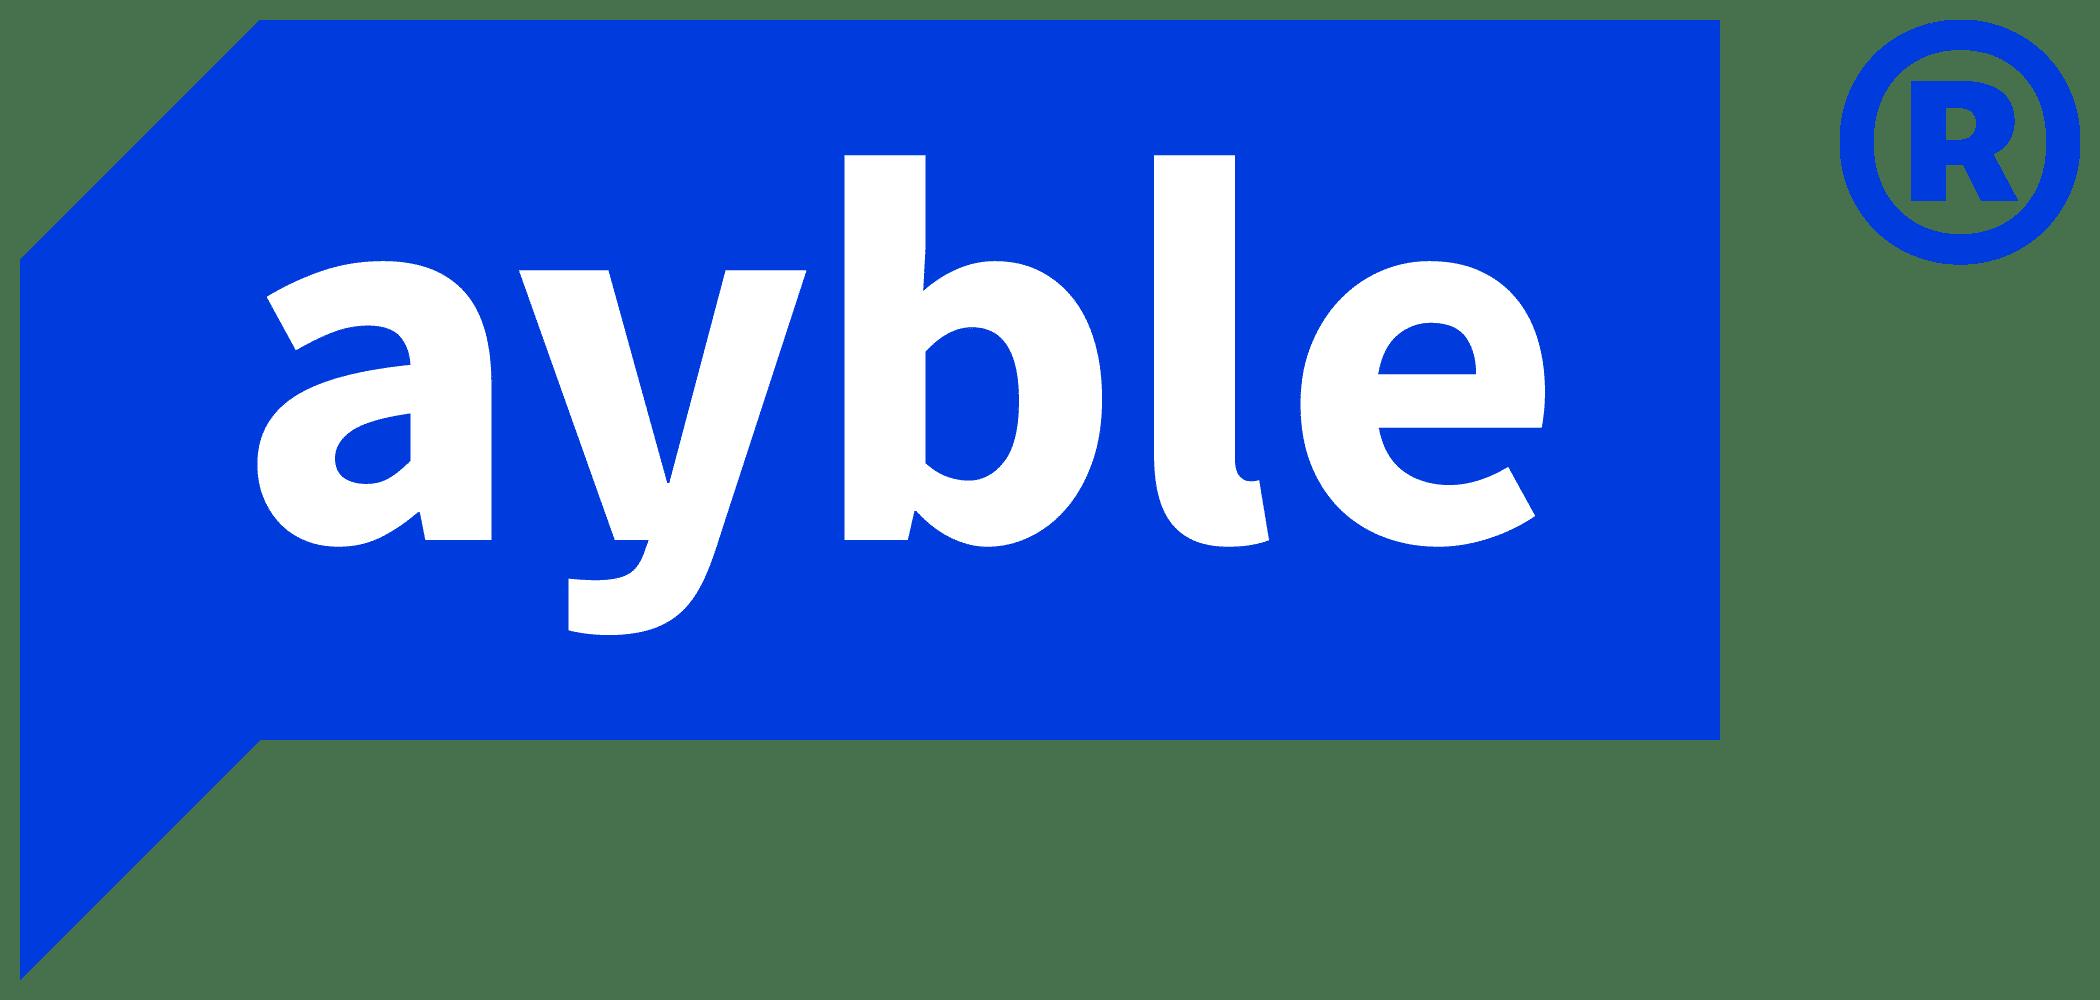 ayble - Logo - Link zur Startseite